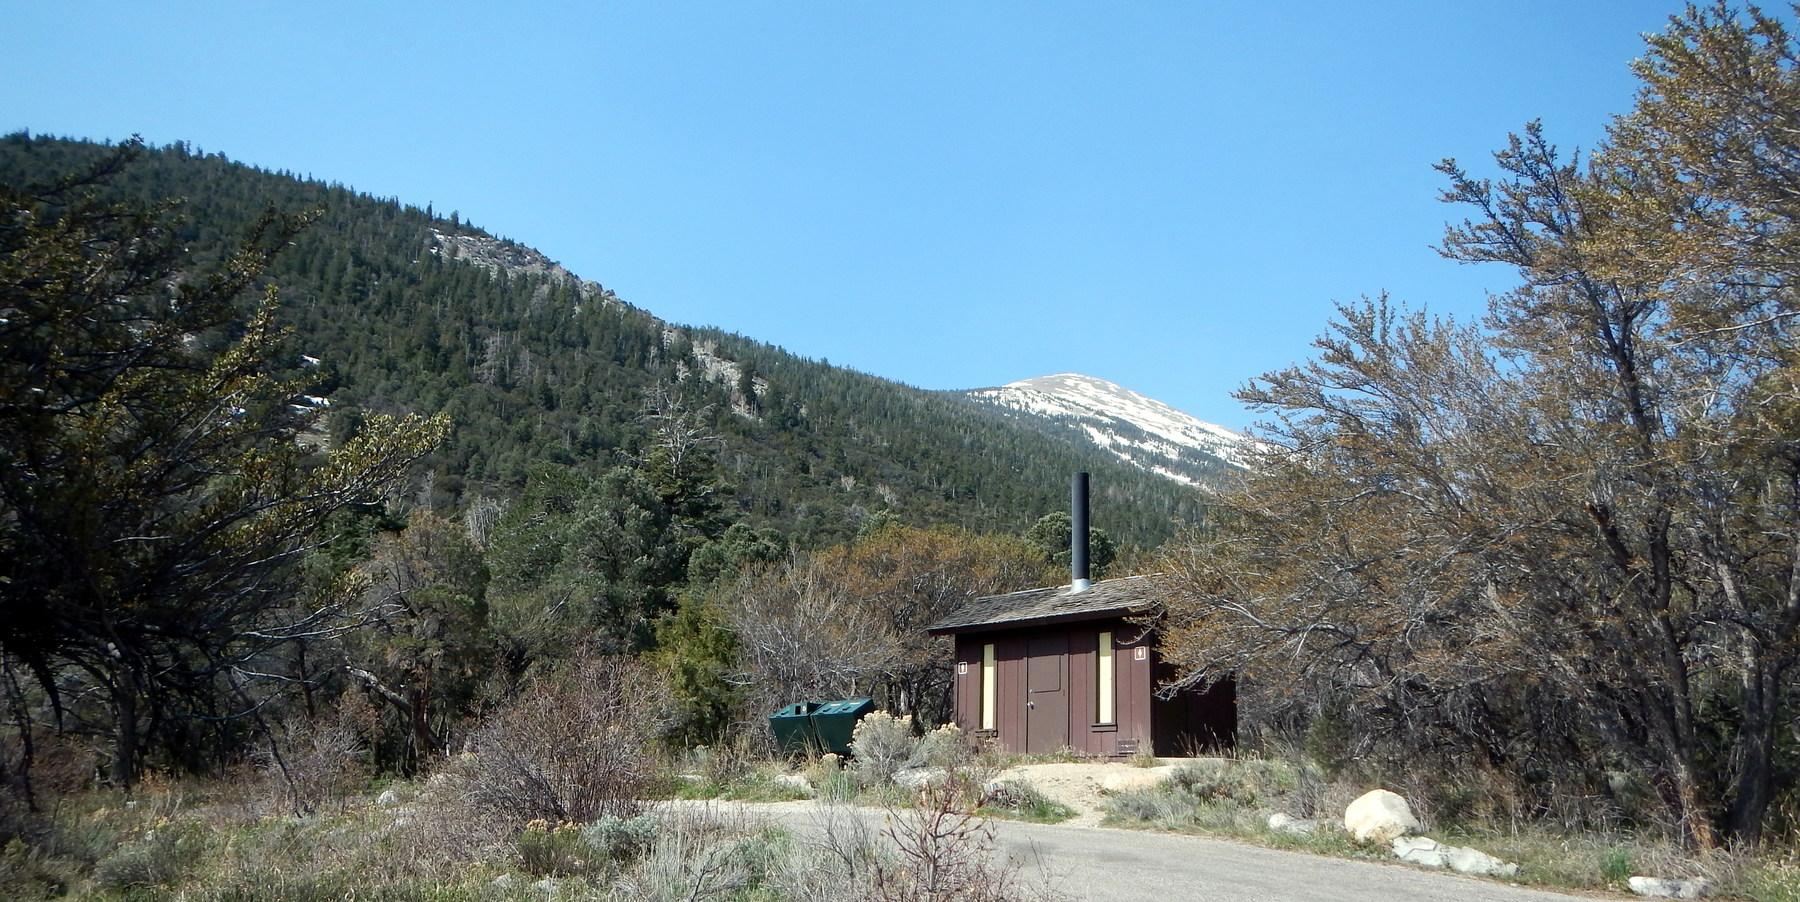 Upper Lehman Creek Campground Outdoor Project